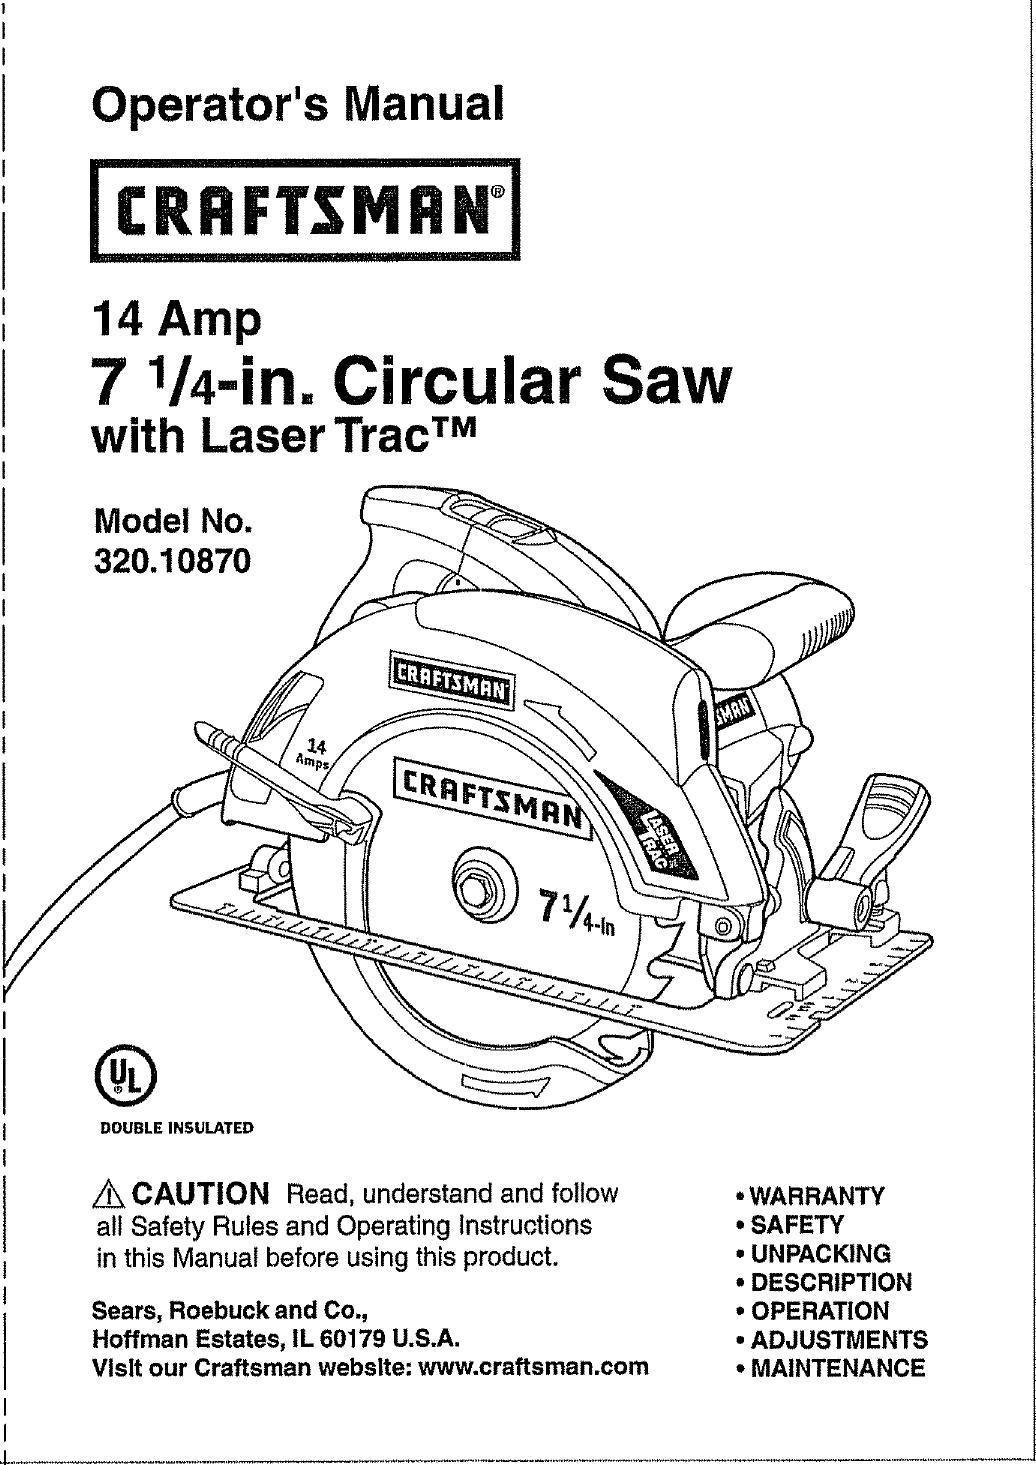 Skil Circular Saw Parts Manual Guide